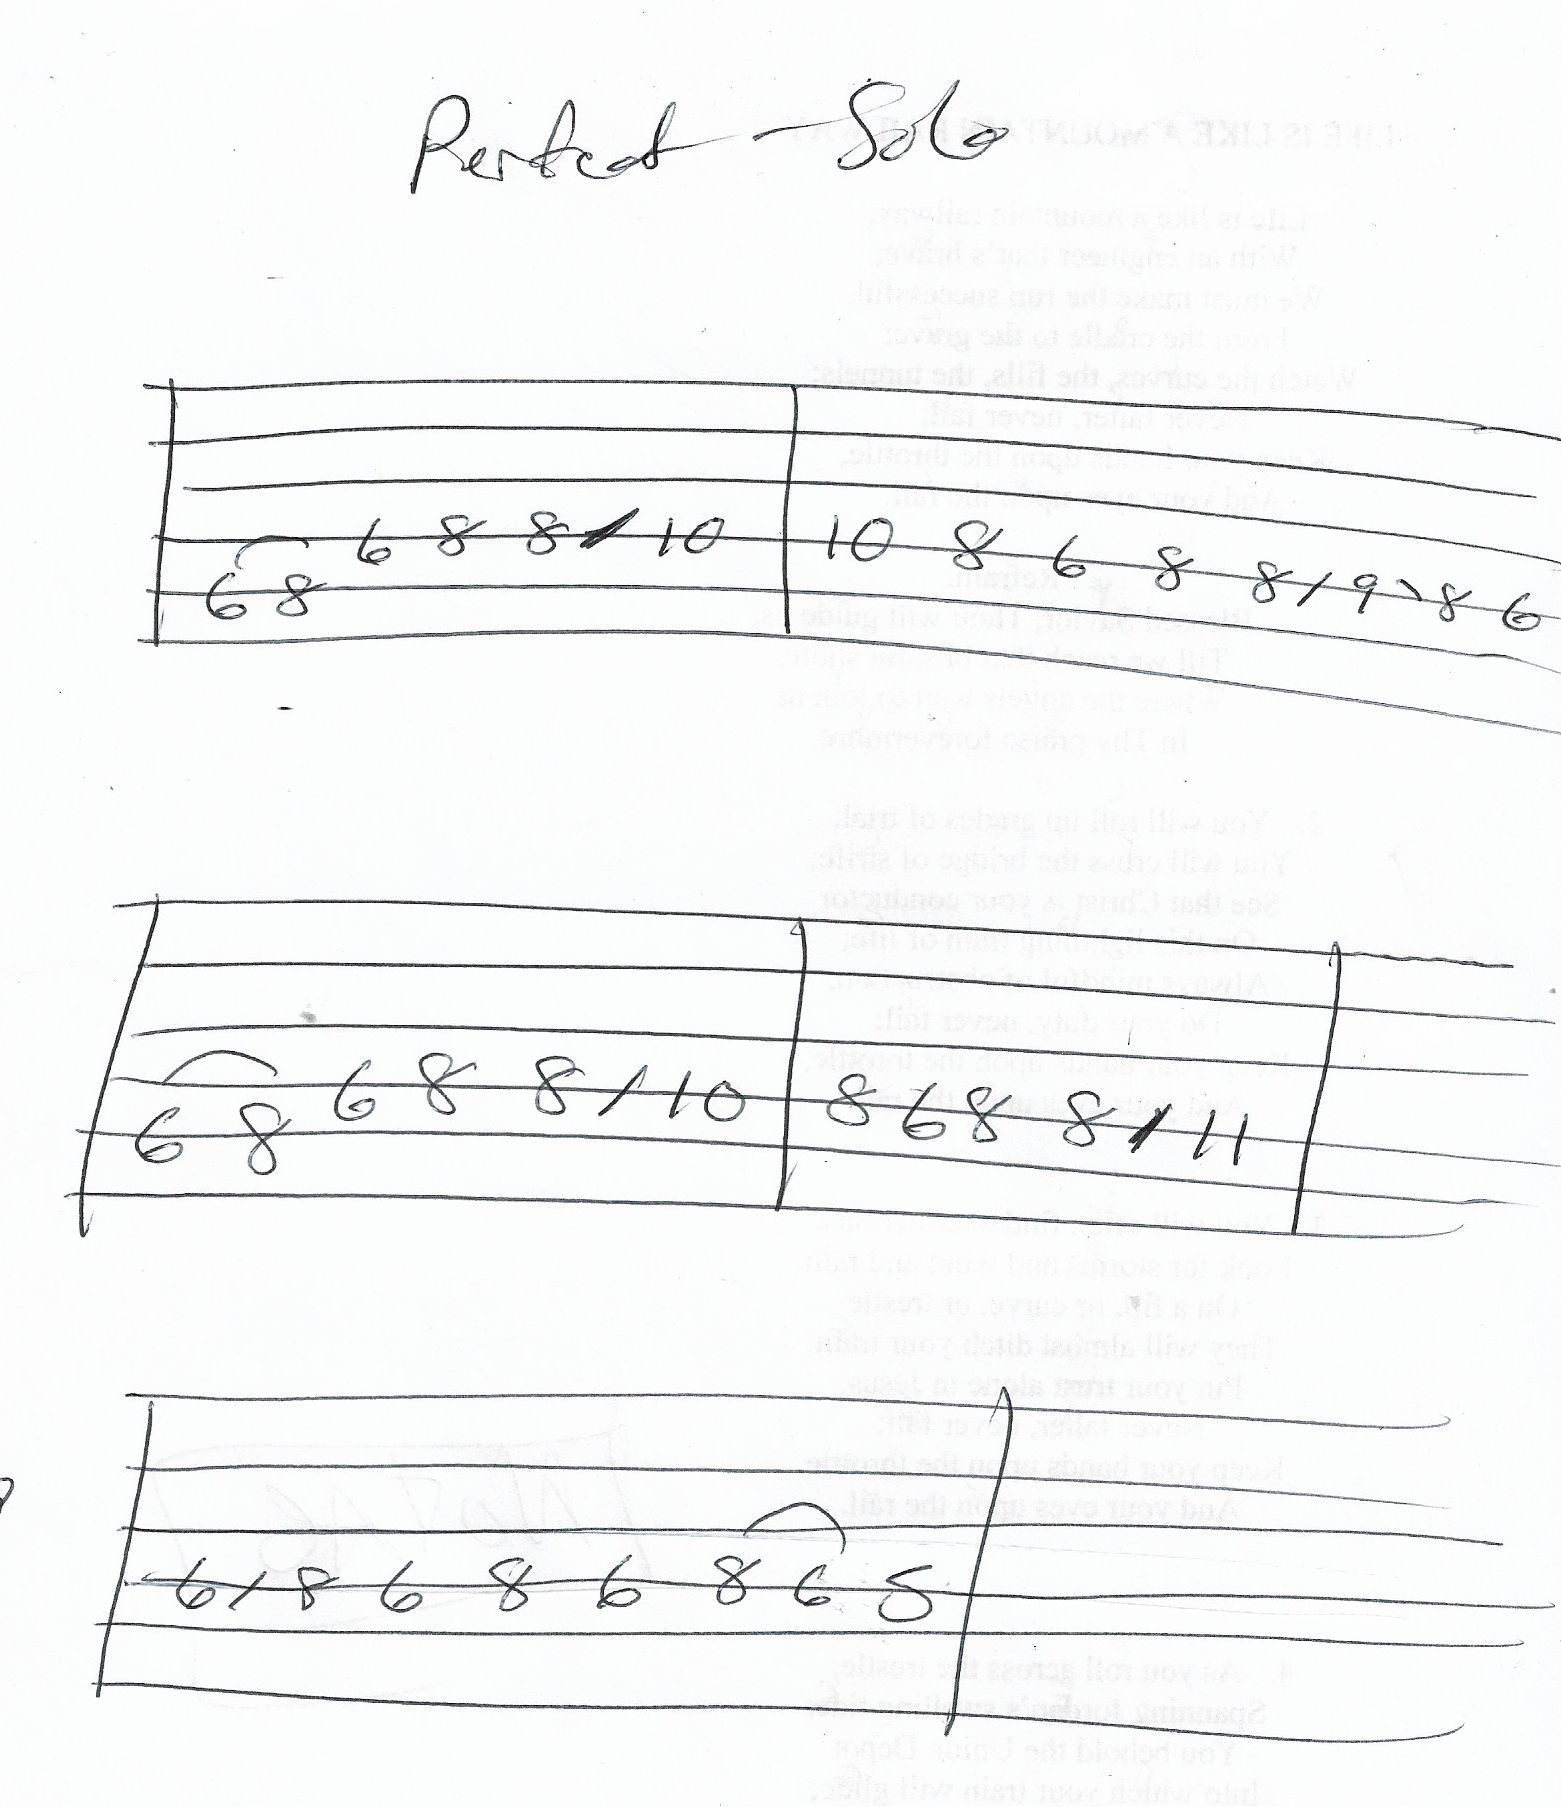 Perfect Ed Sheeran Guitar Solo Tab Ed Sheeran Guitar Guitar